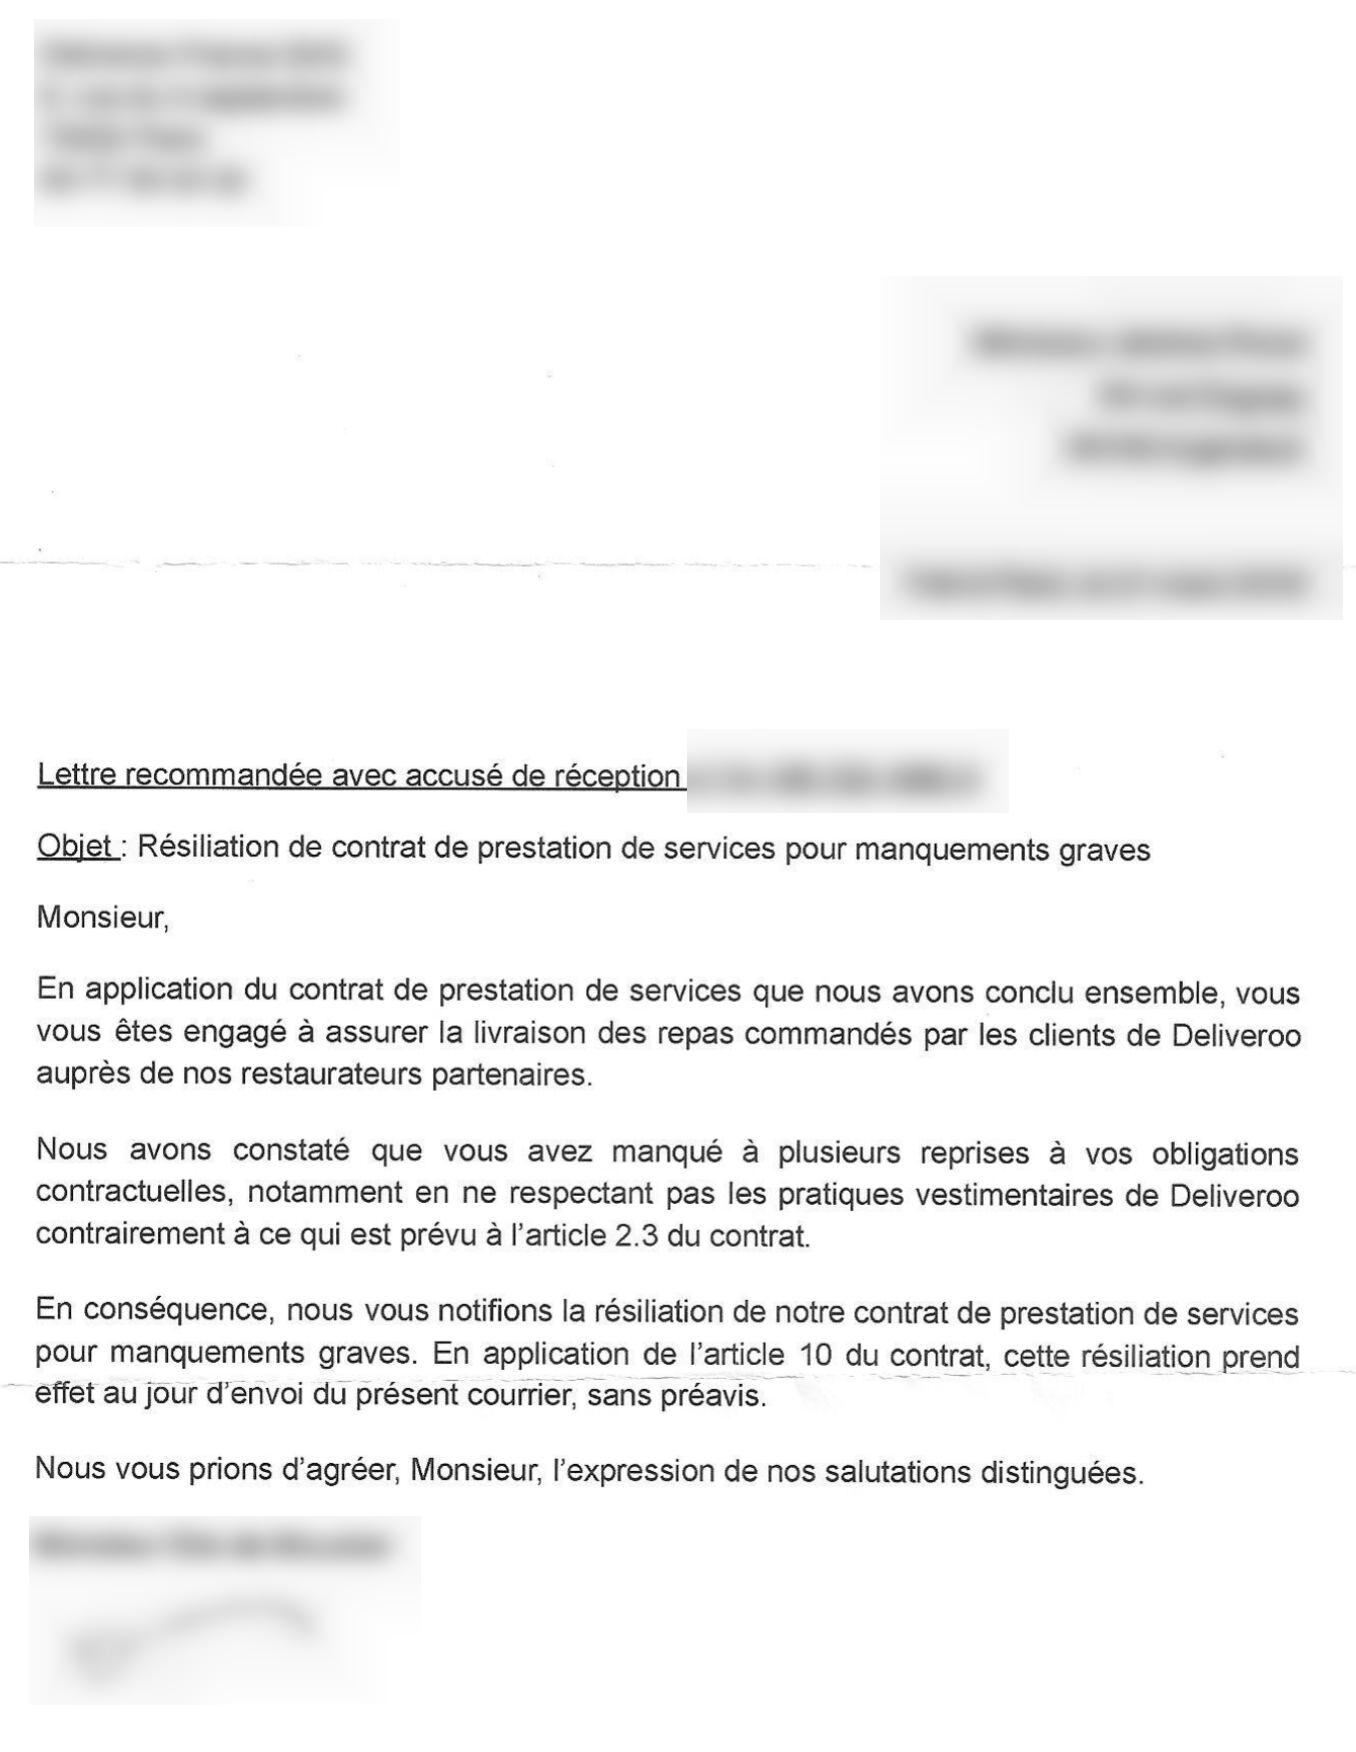 Lettre recommandée de Jérôme Pimot